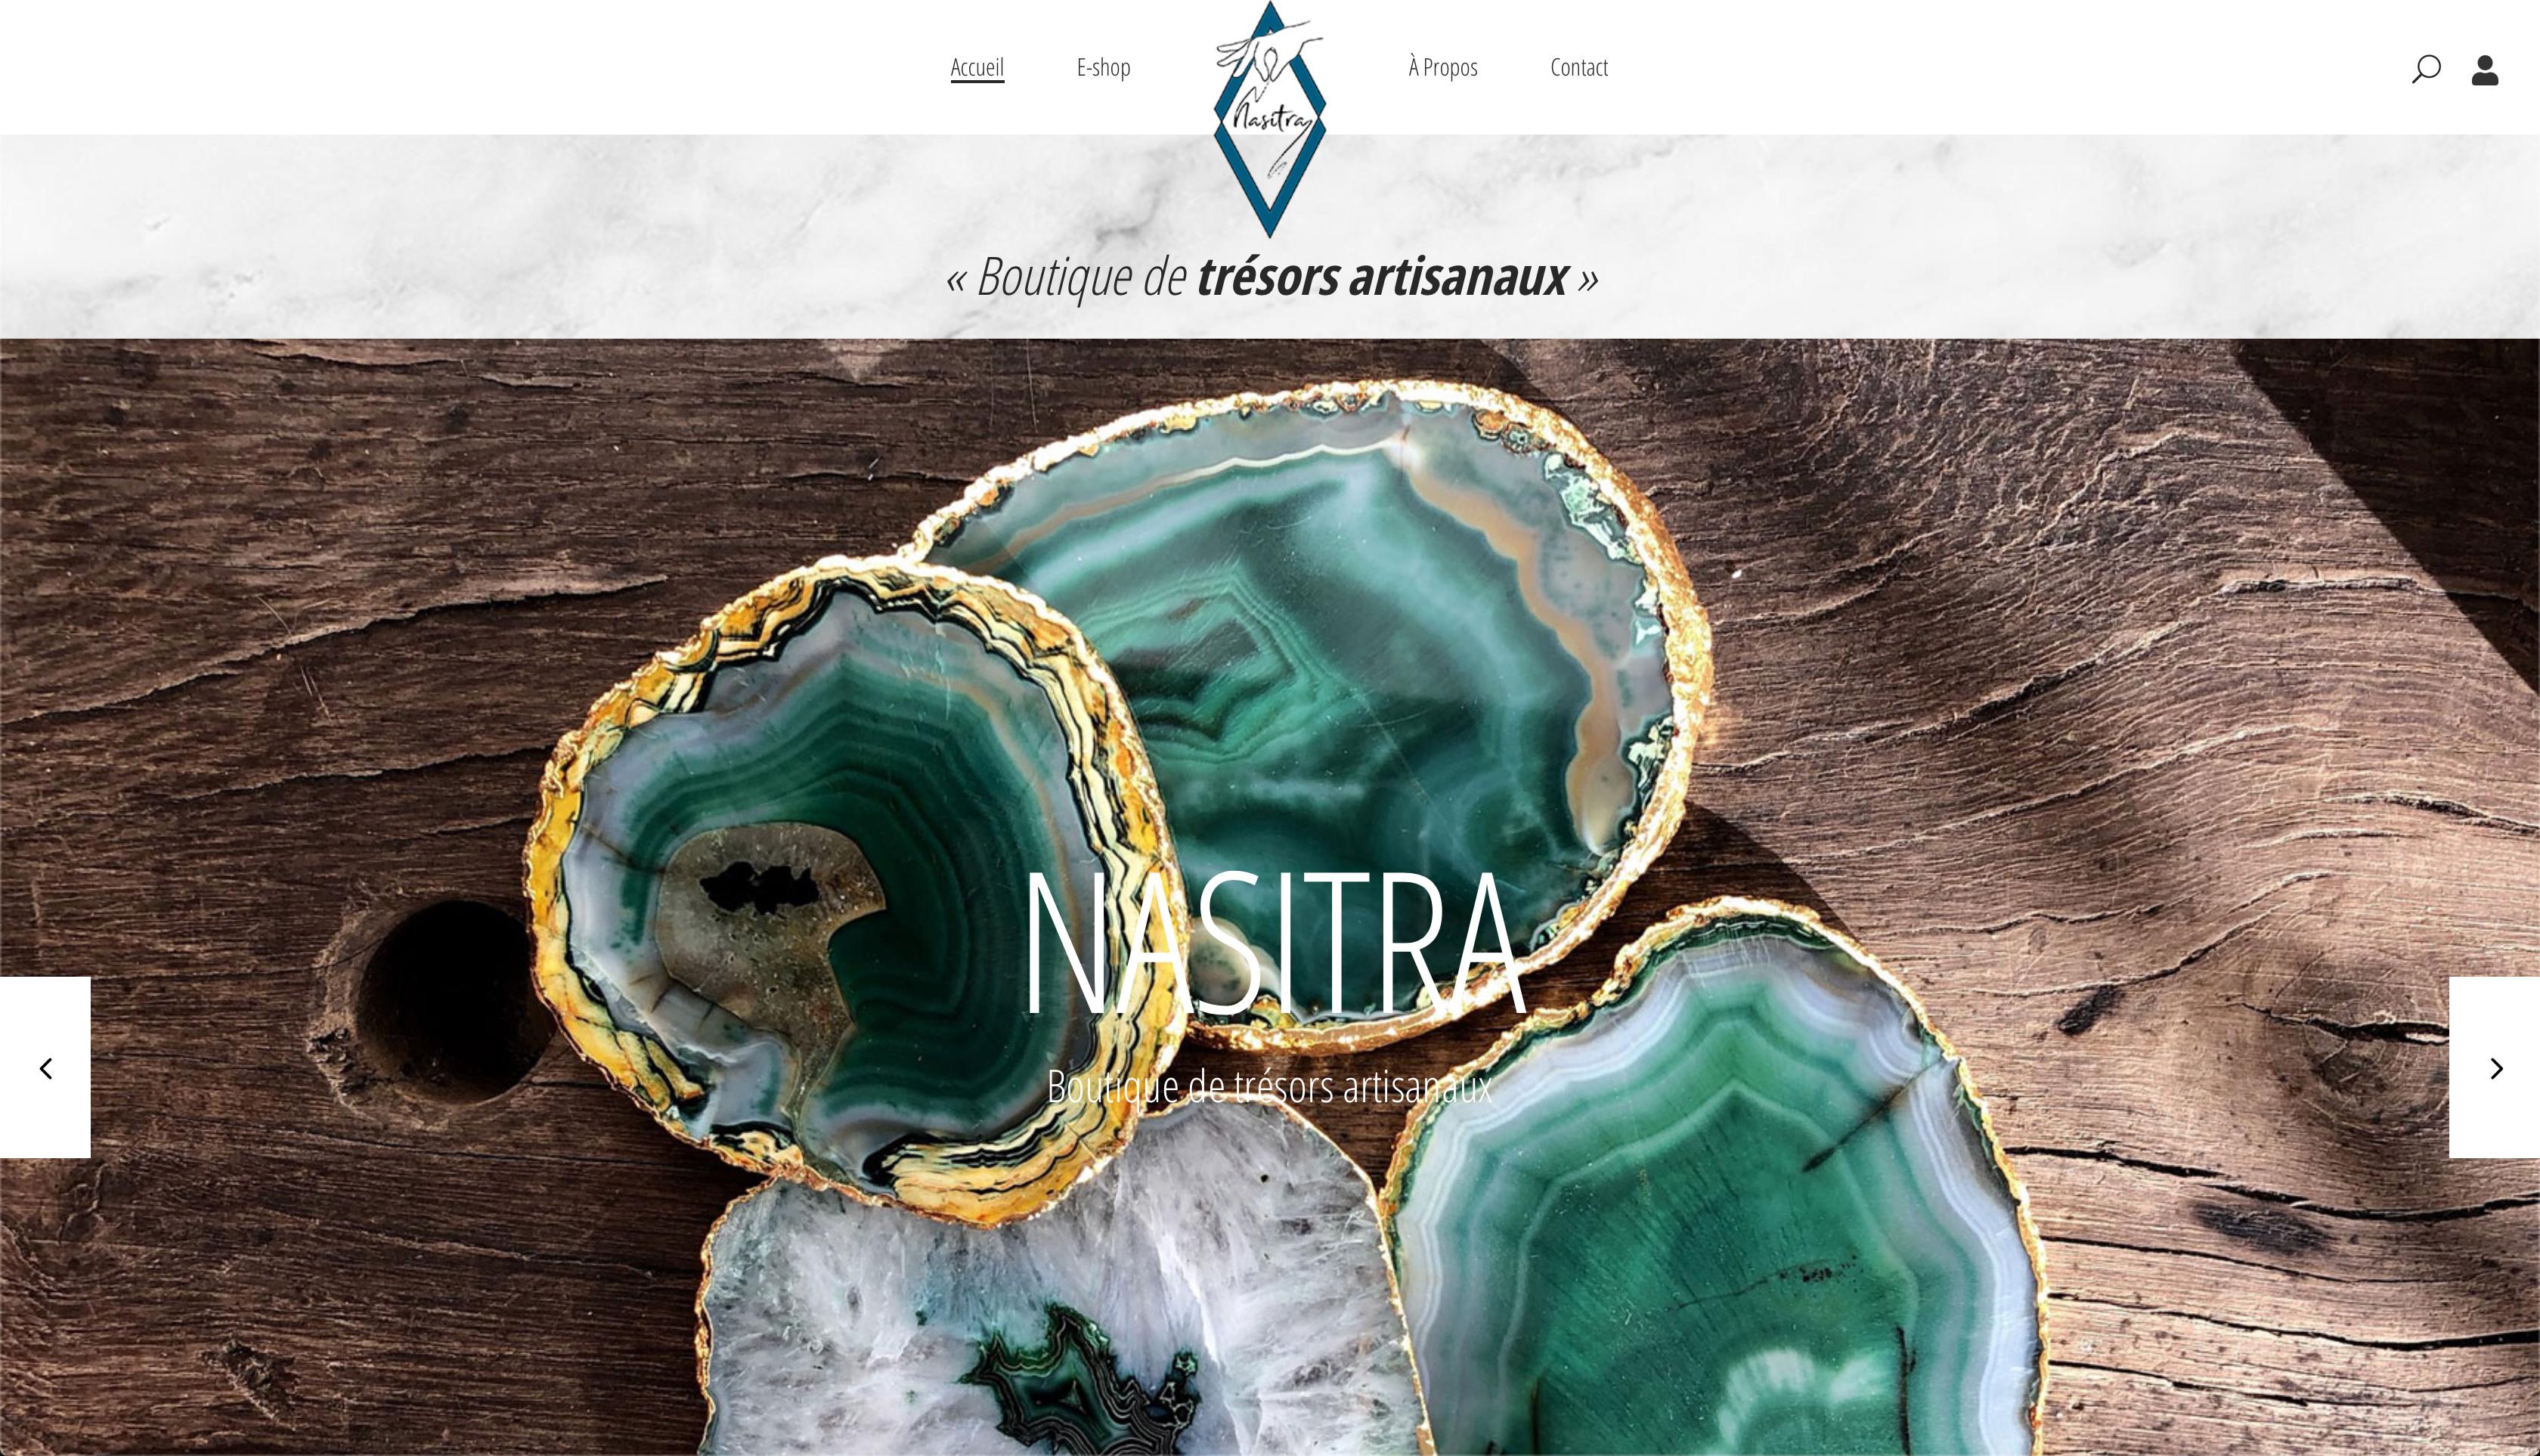 Réalisation 2018 - Webdesign - Matthieu Loigerot